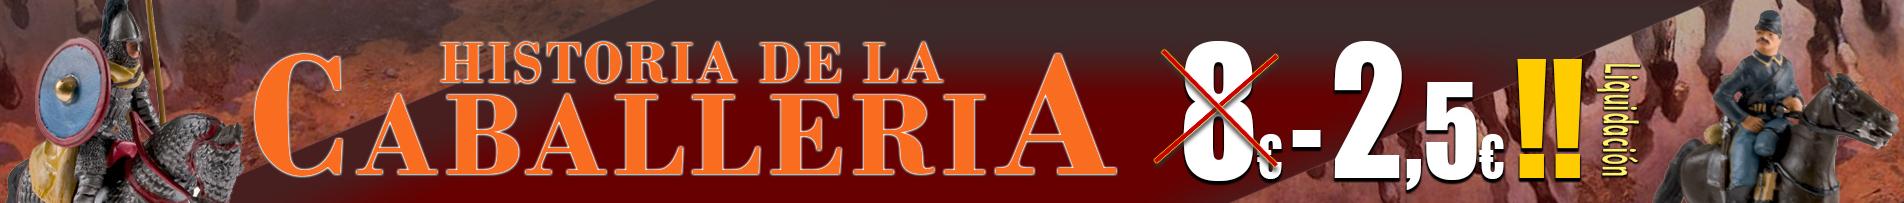 LIQUIDACION_CABALLERIA_PC-DEFINITIVO.jpg